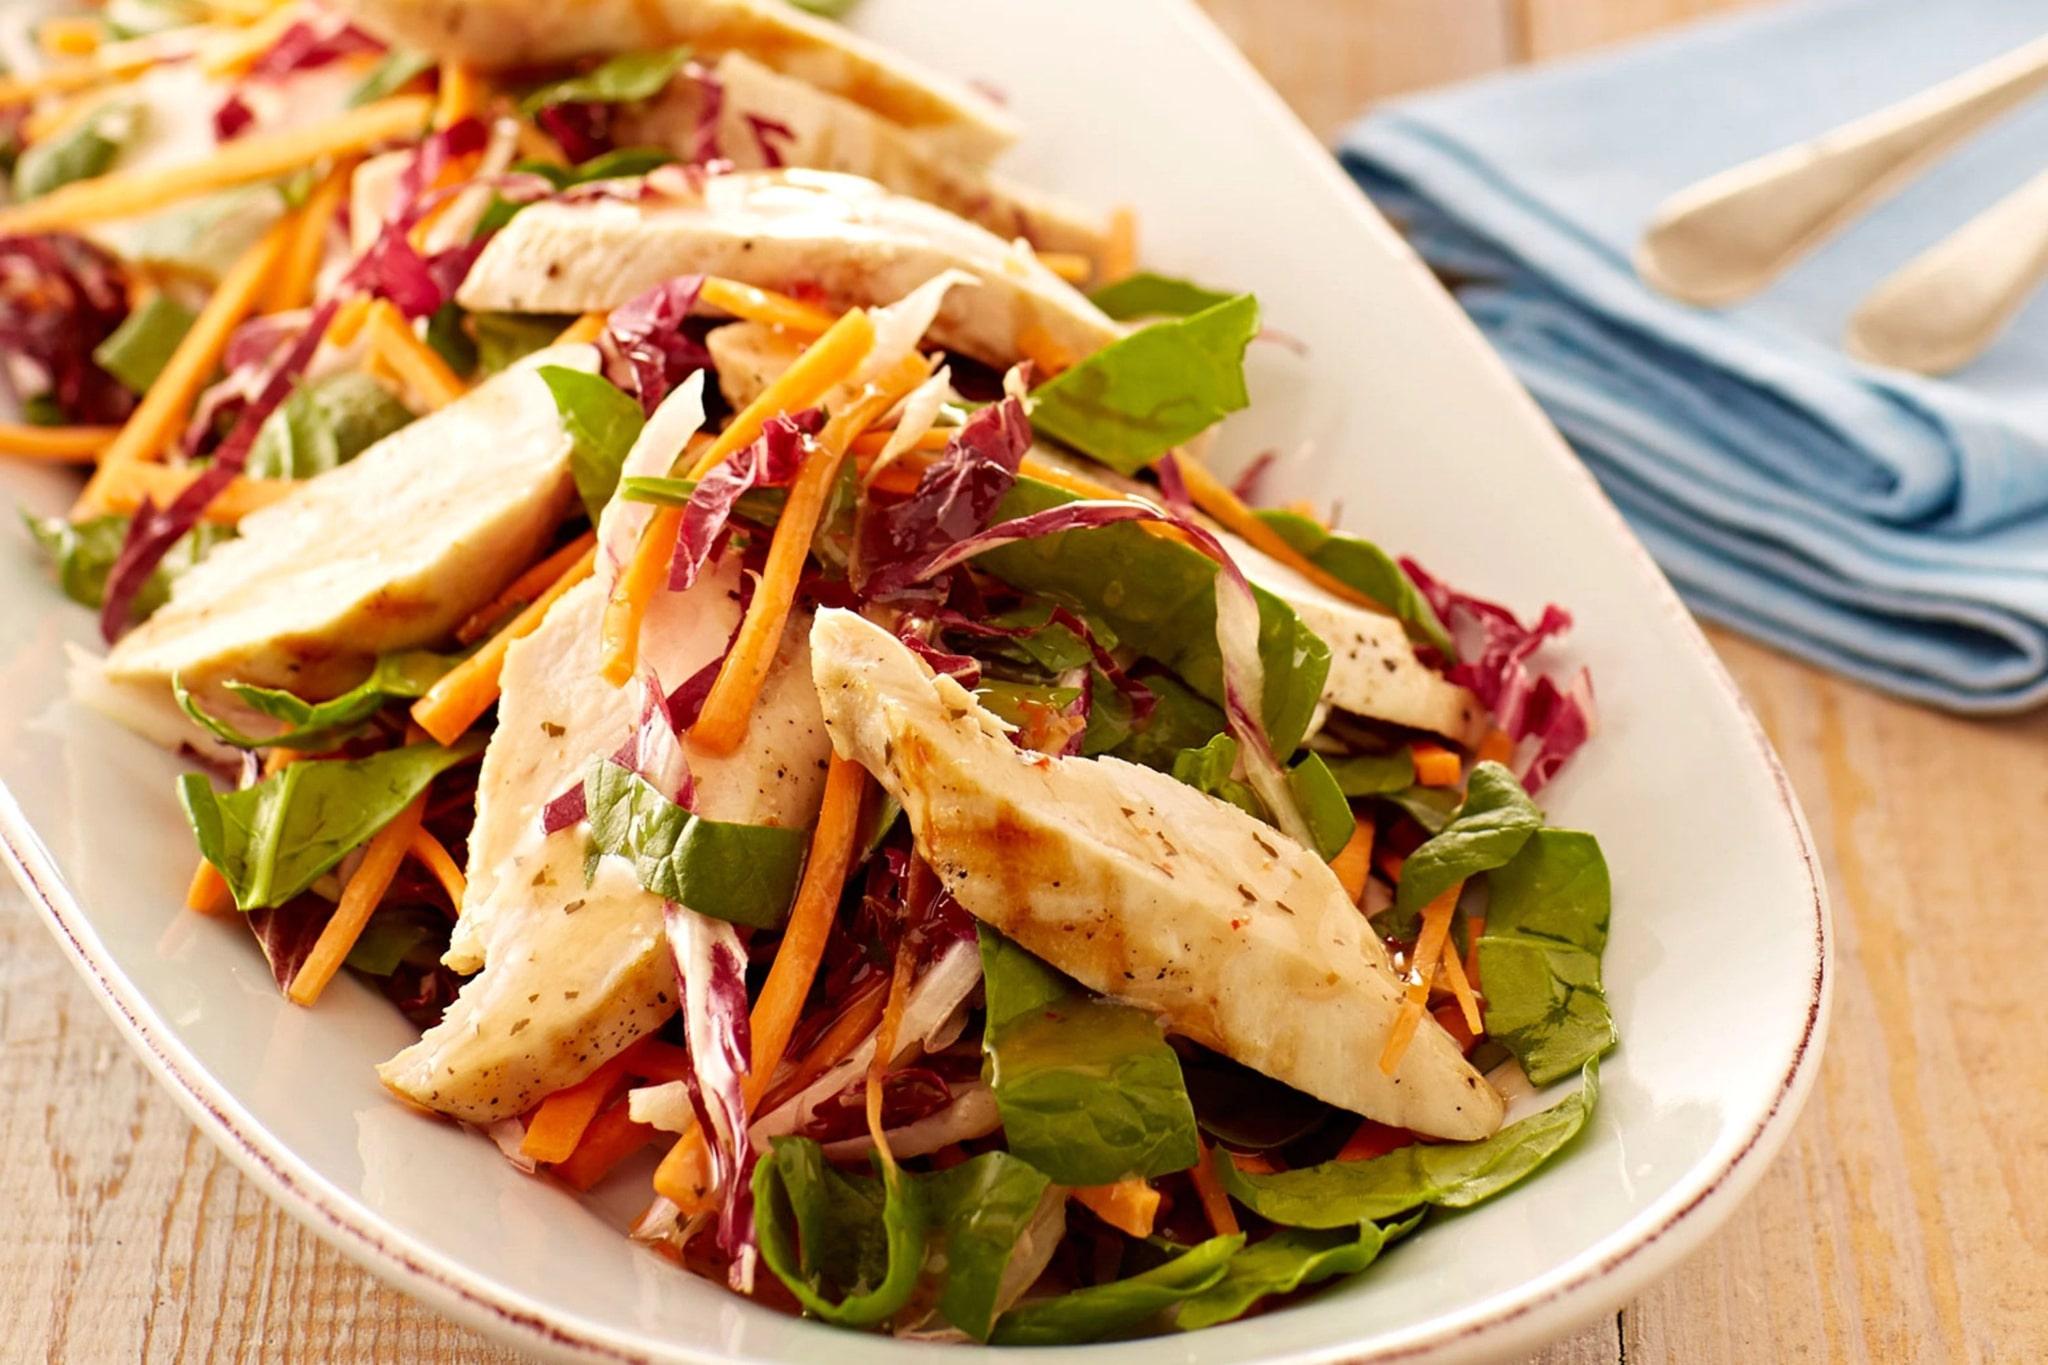 Easy Homemade Italian Salads Recipes